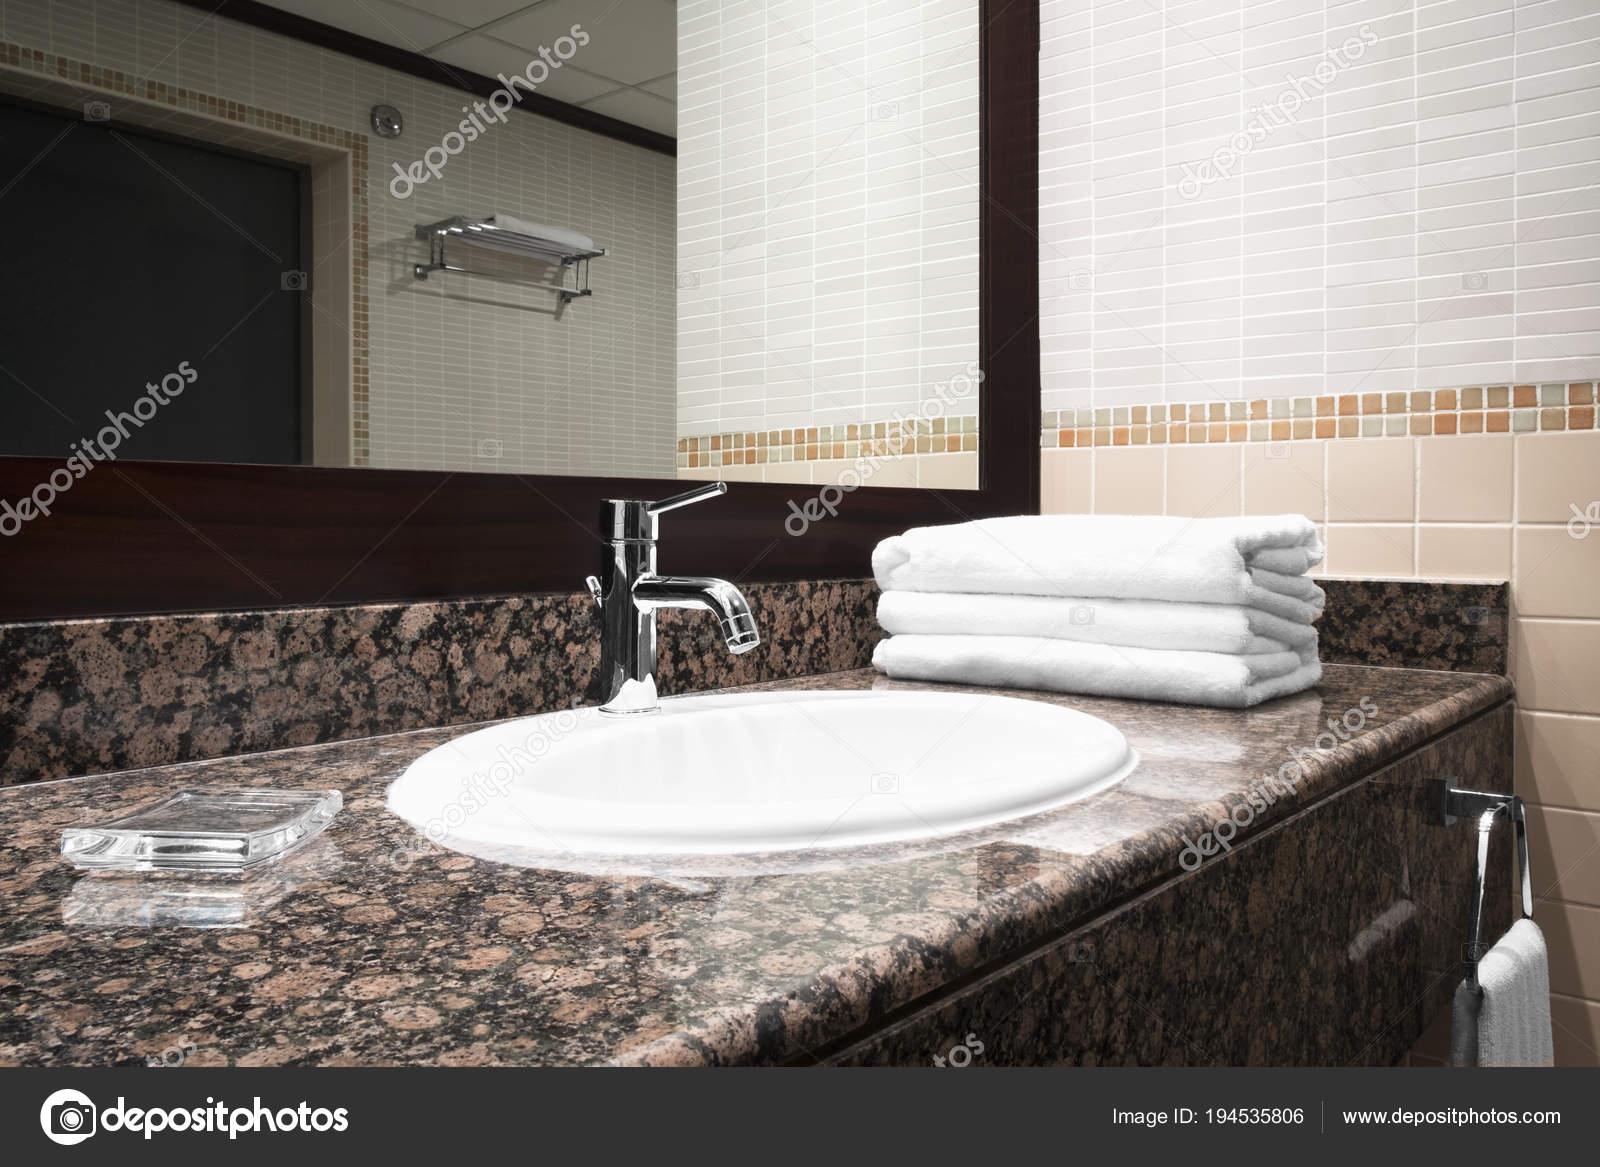 Mesa Para Lavabos Modernos.Bano Lujo Redwood Clasico Interior Con Blanco Estilo Moderno